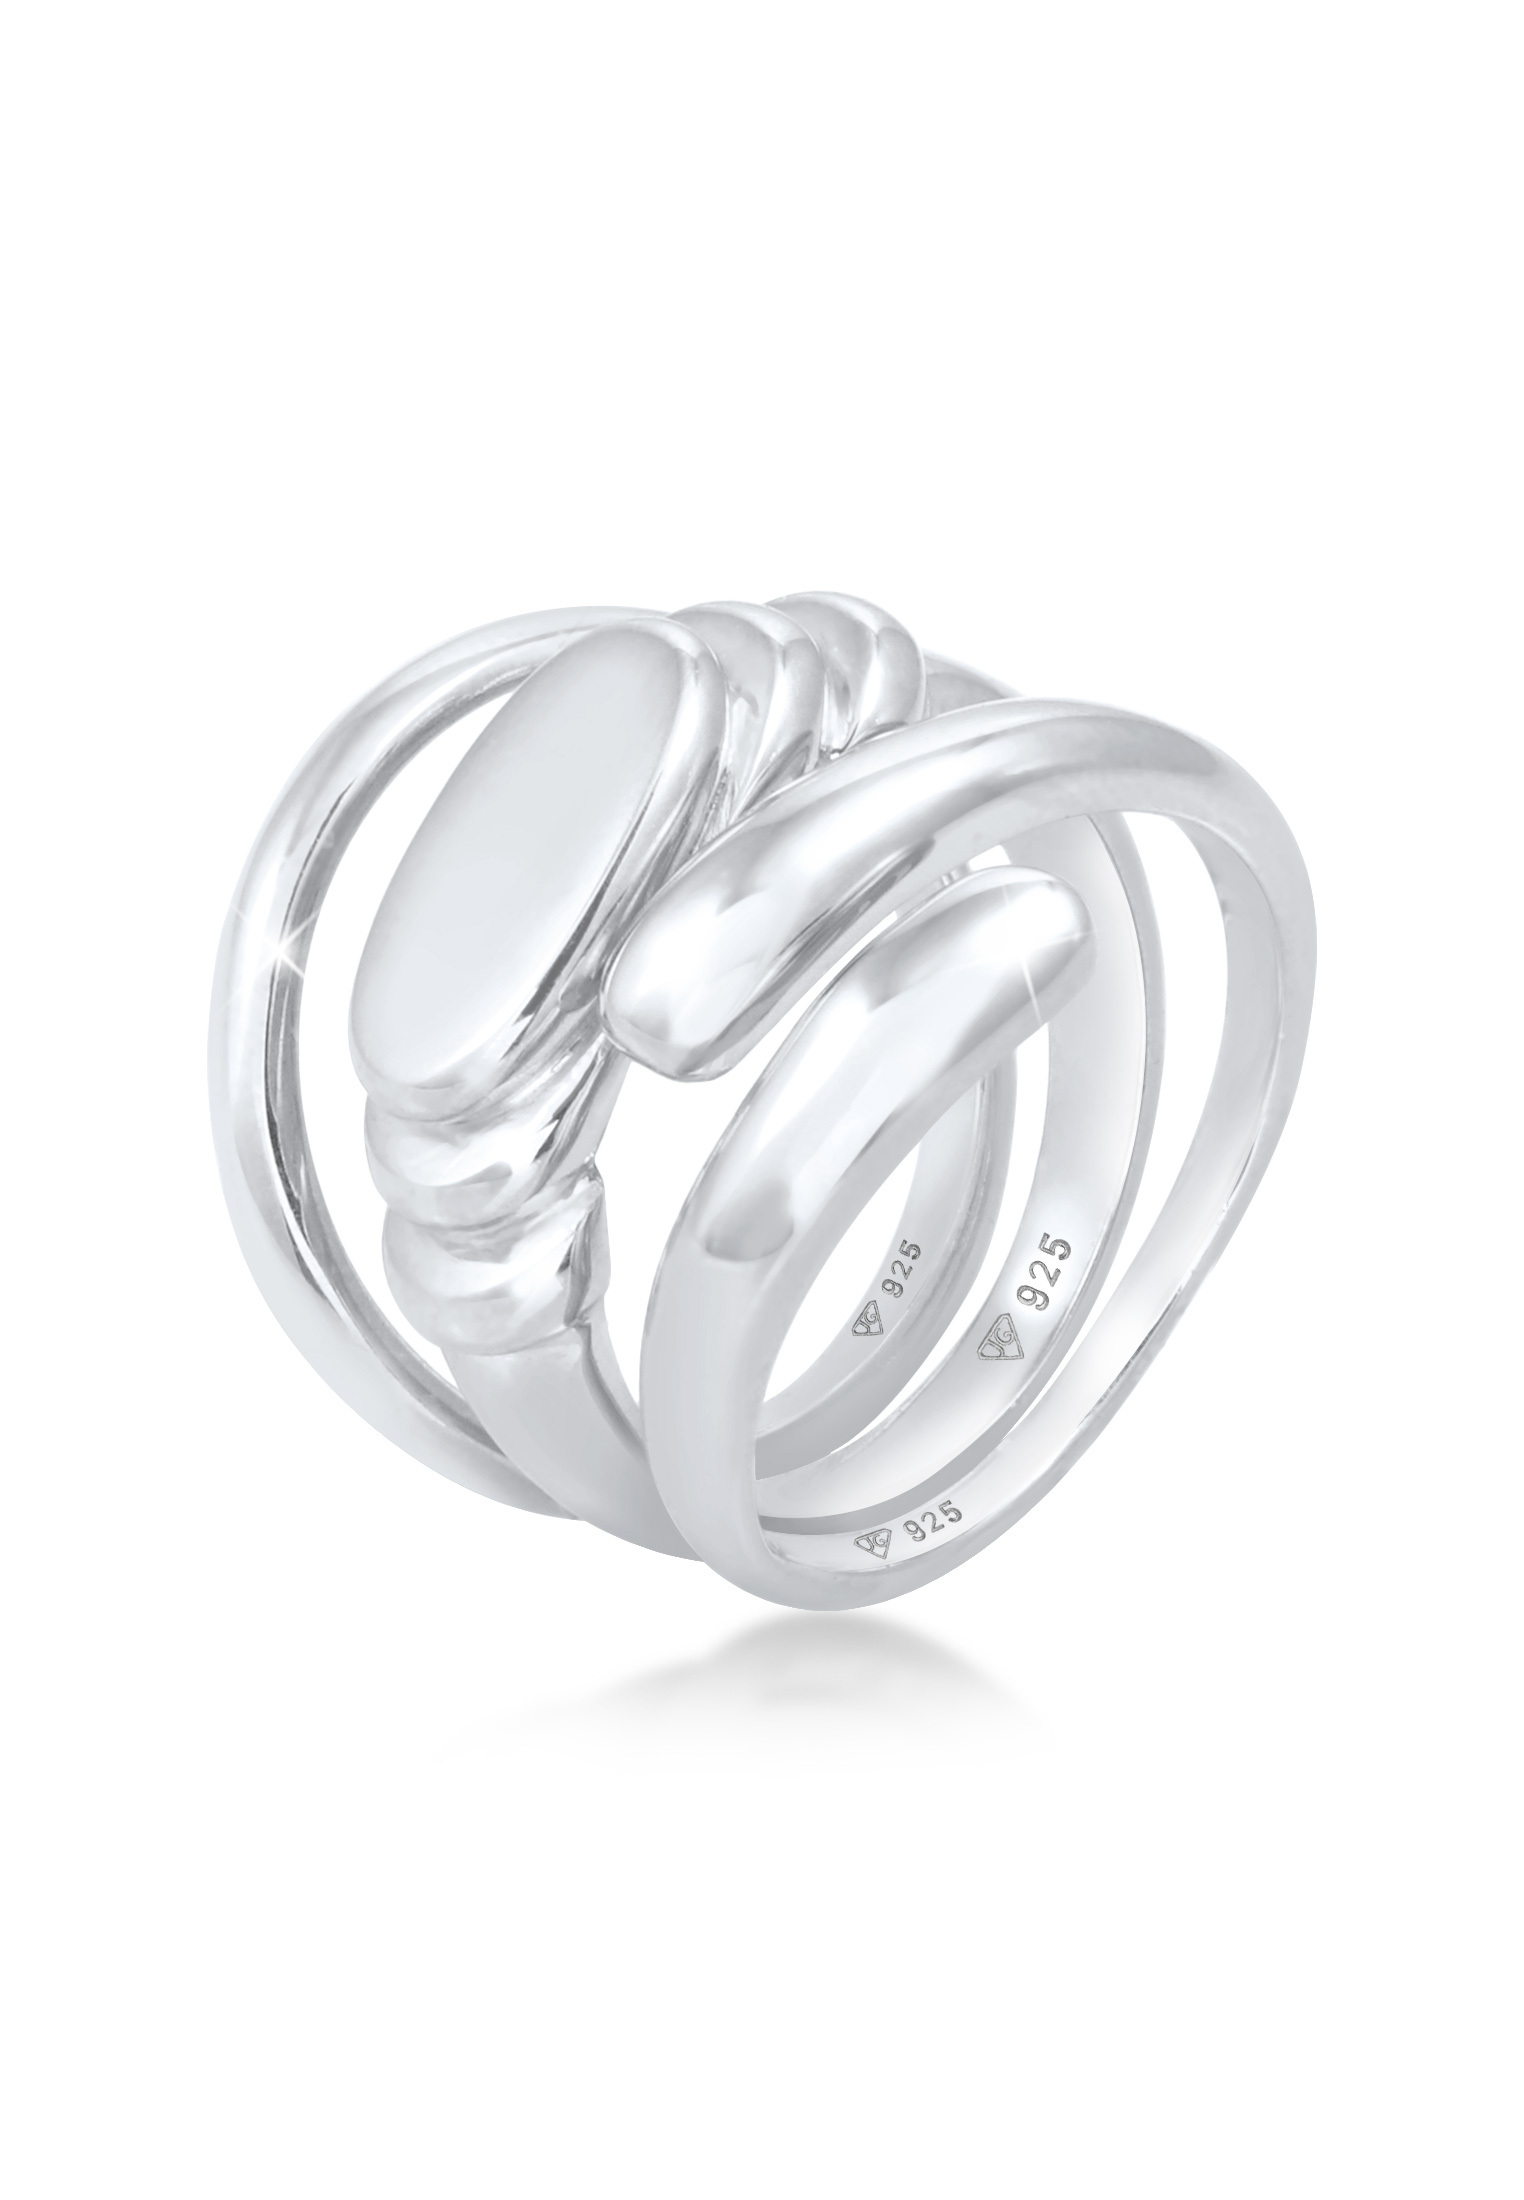 Ring 3er Set Statement | 925er Sterling Silber